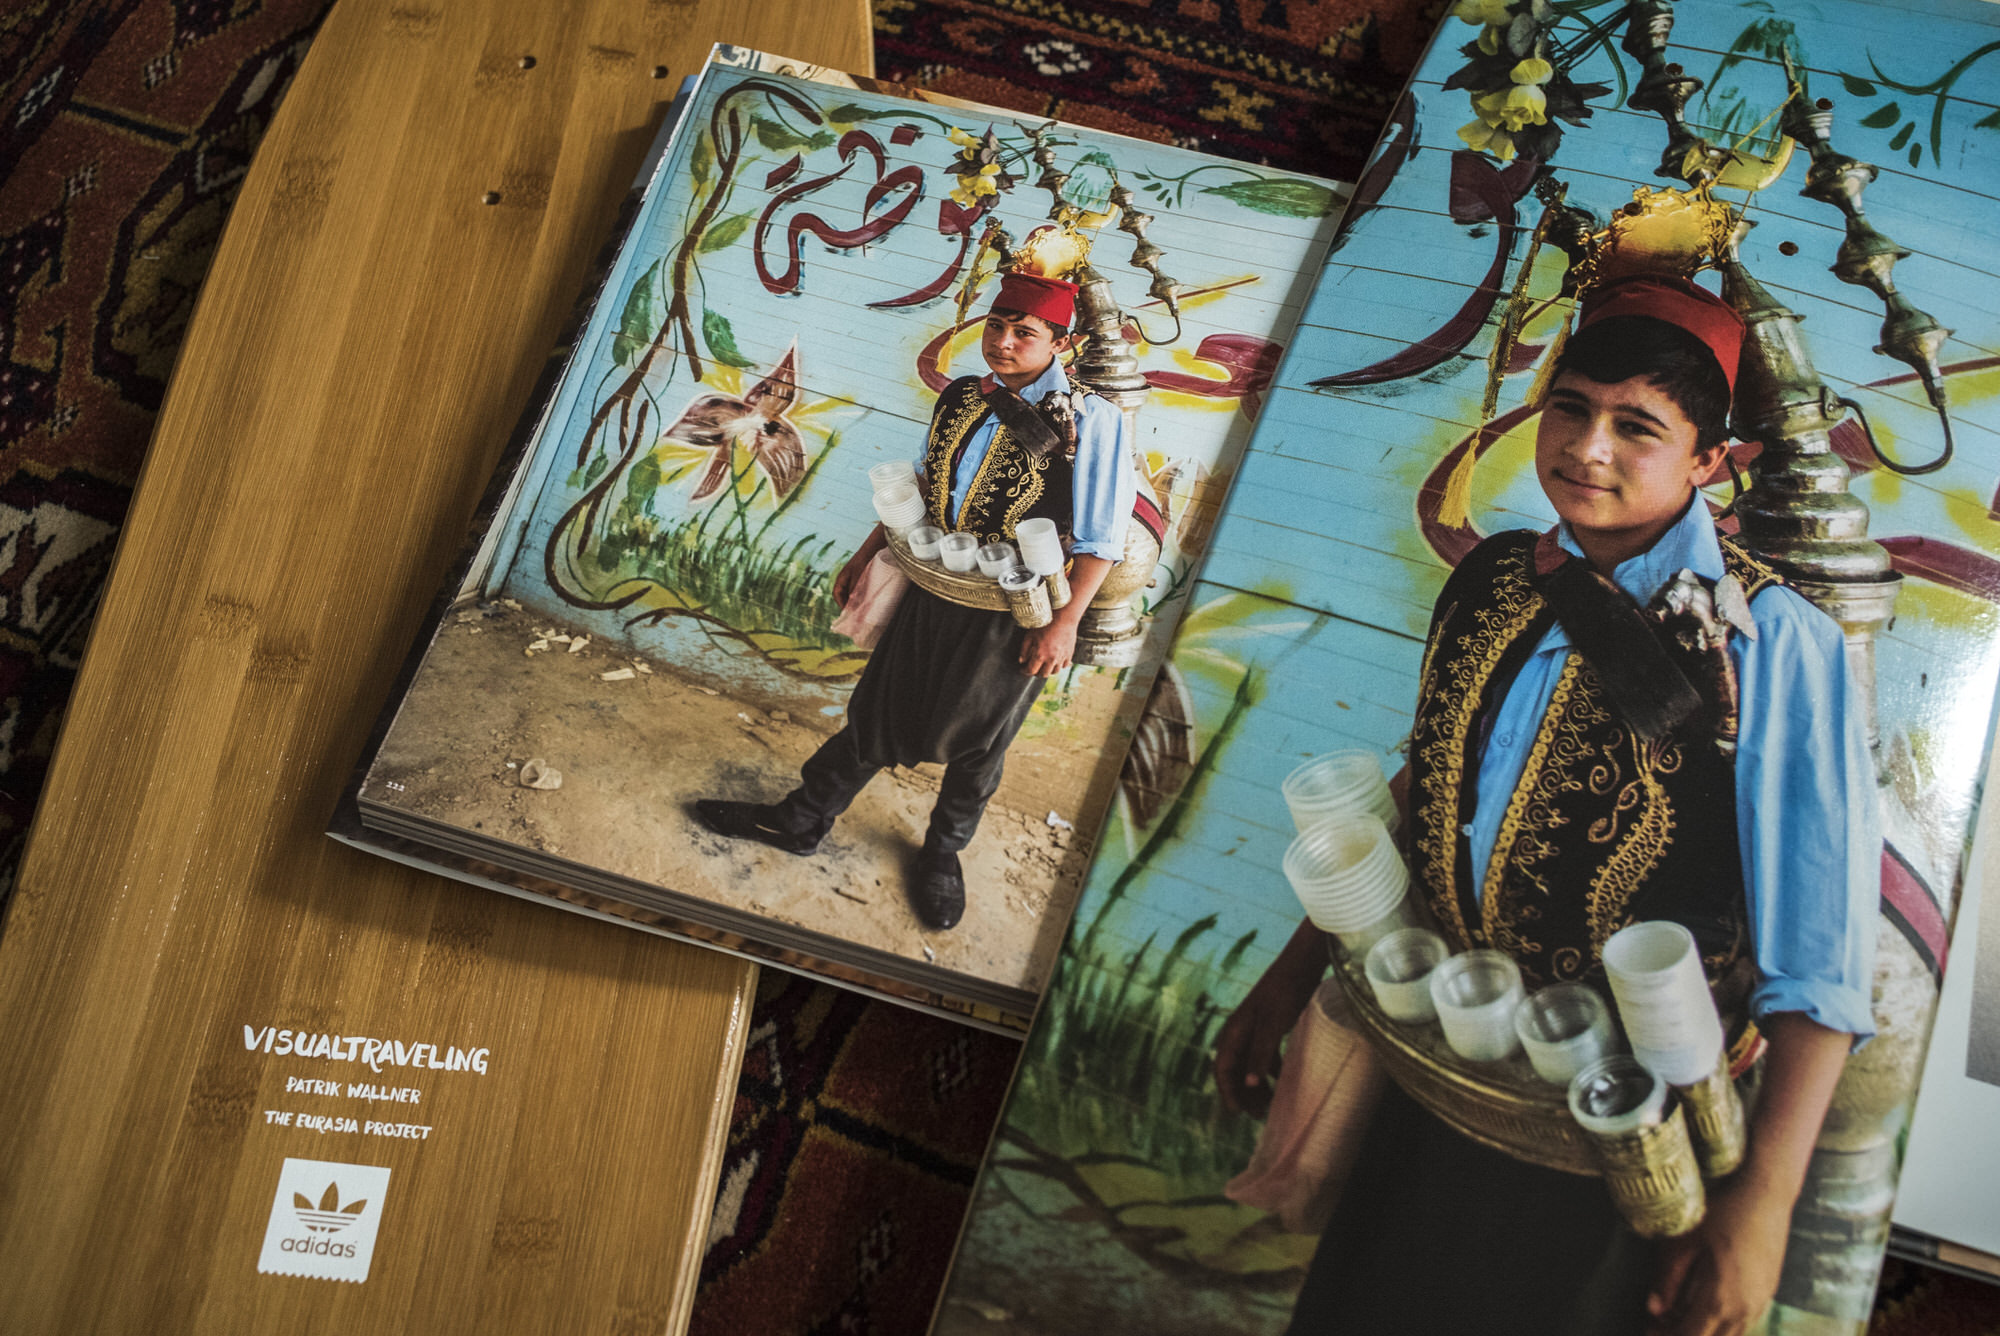 Digital Patrik Wallner 2018 Eurasia Book and Board 2